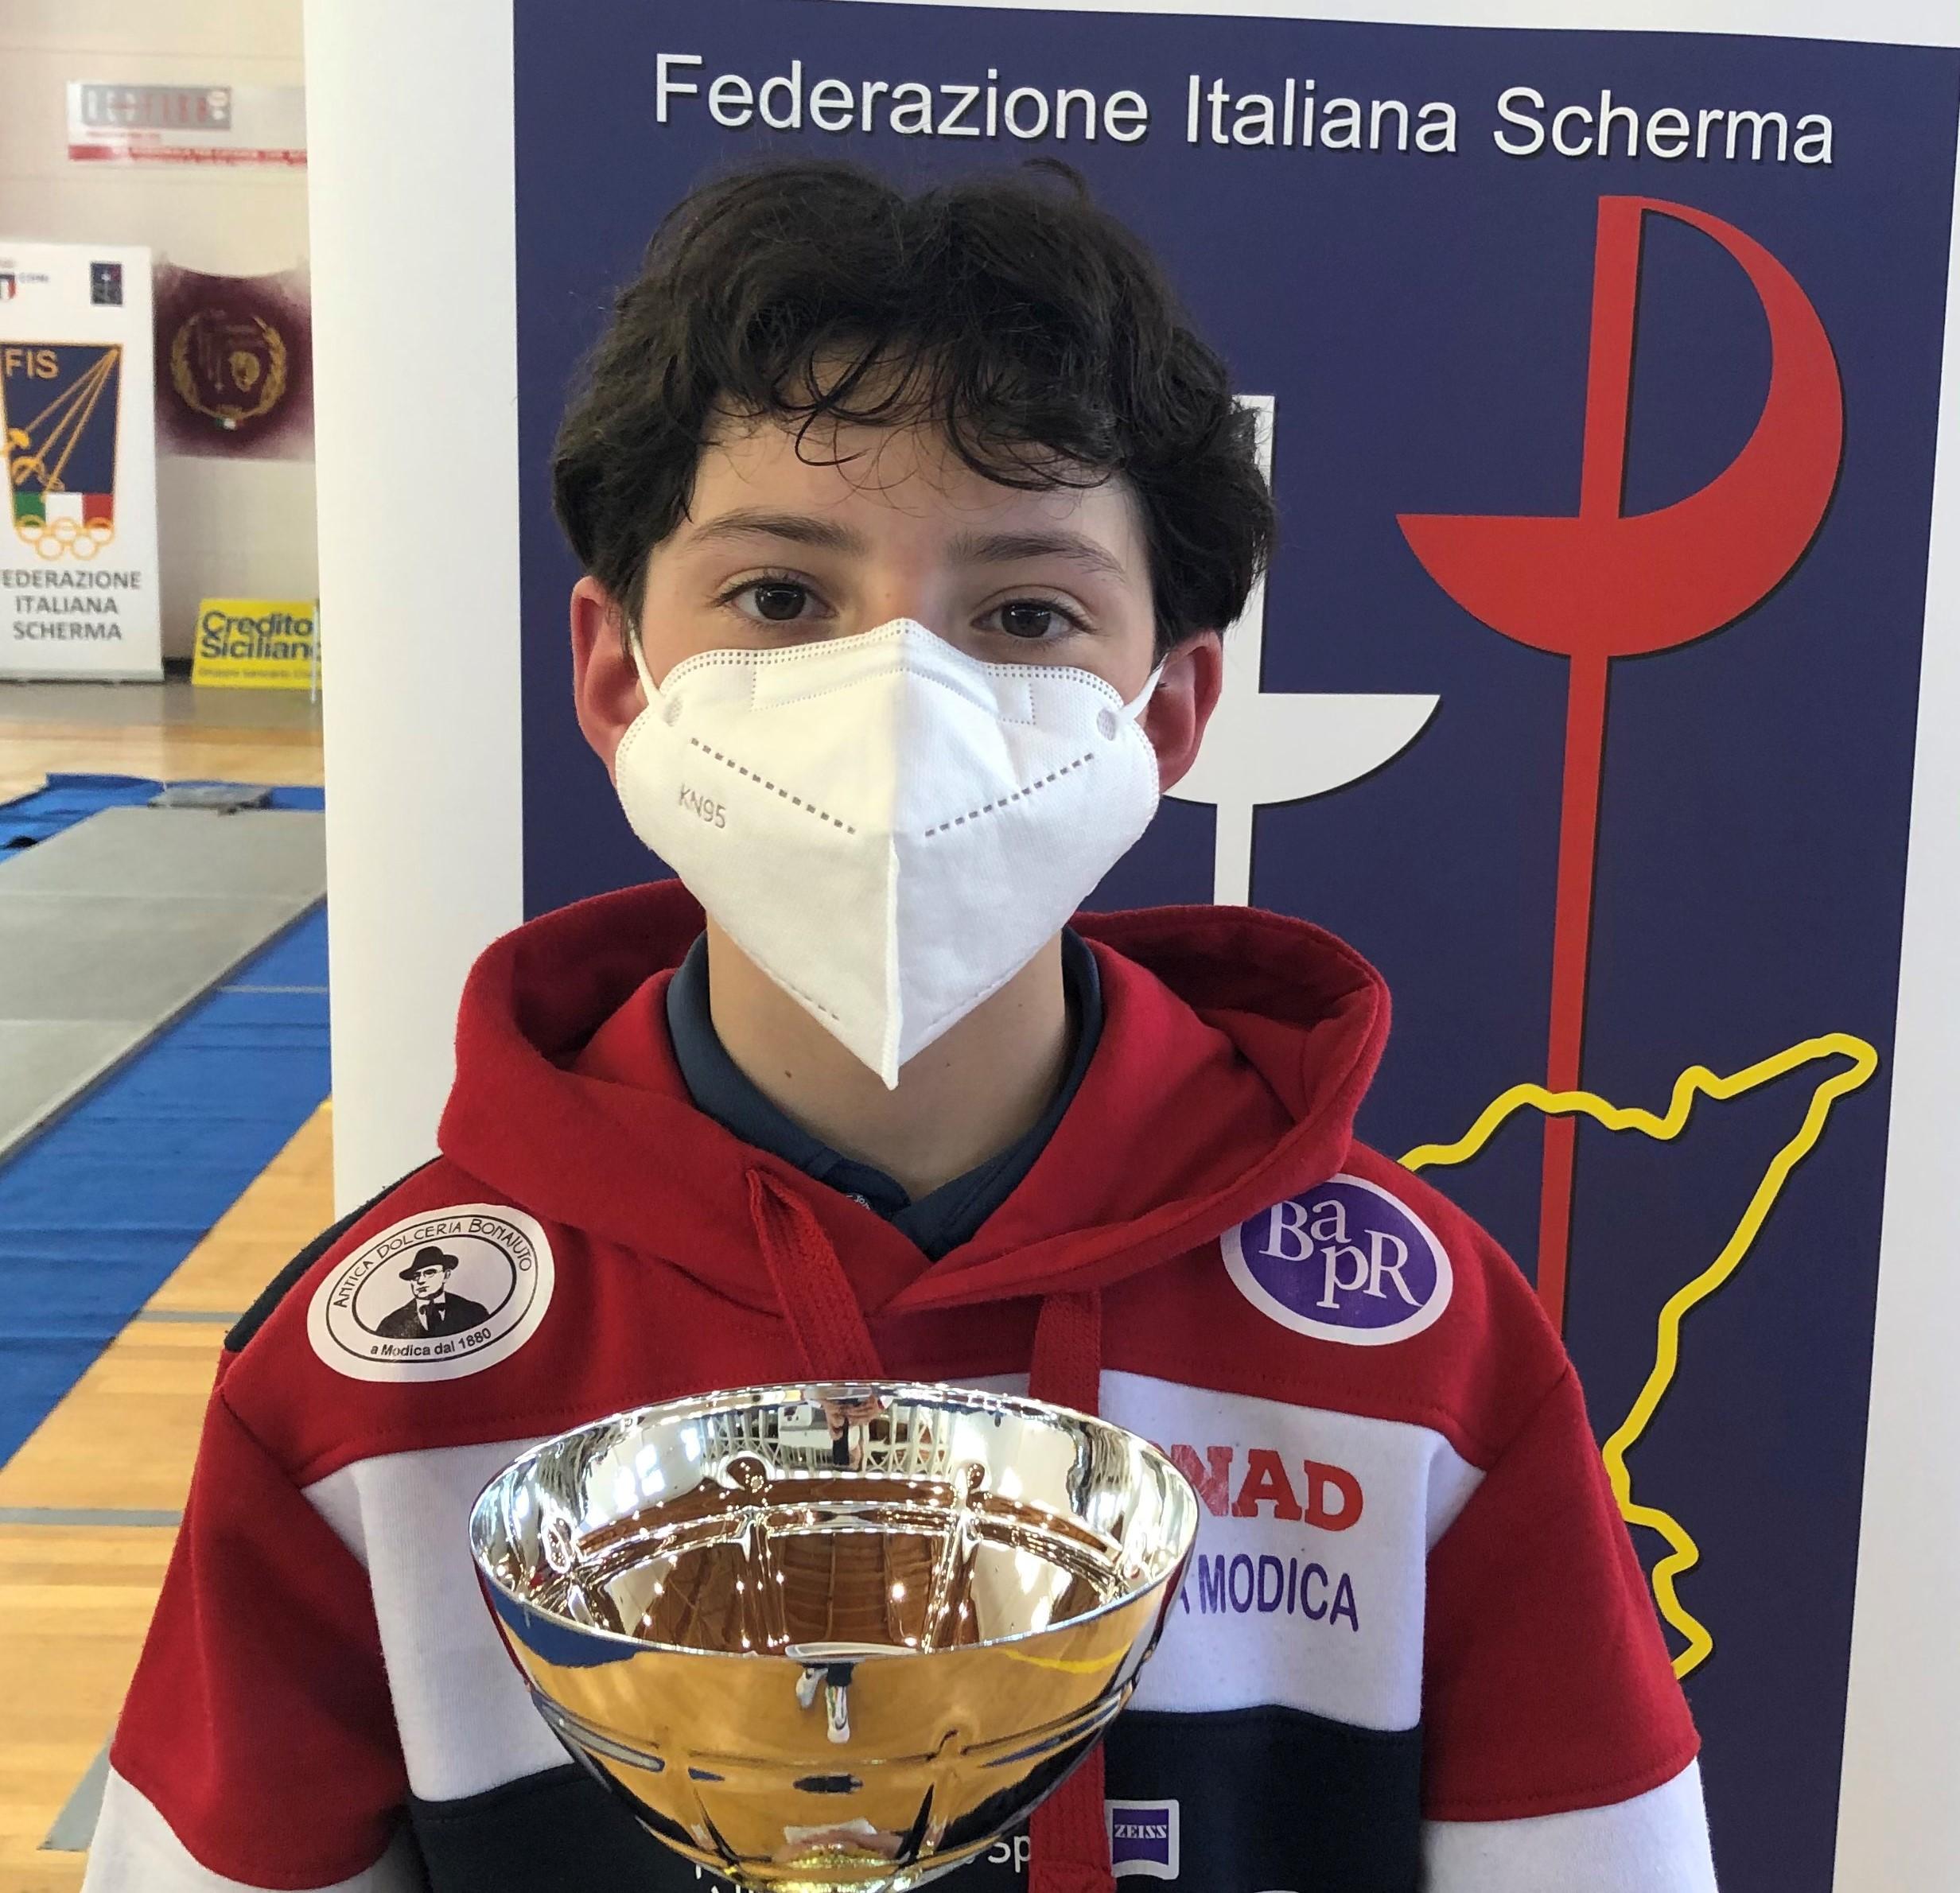 Scherma Modica, Prova Regionale Under 14: Ottavia Iacono vince nella categoria Giovanissime fioretto